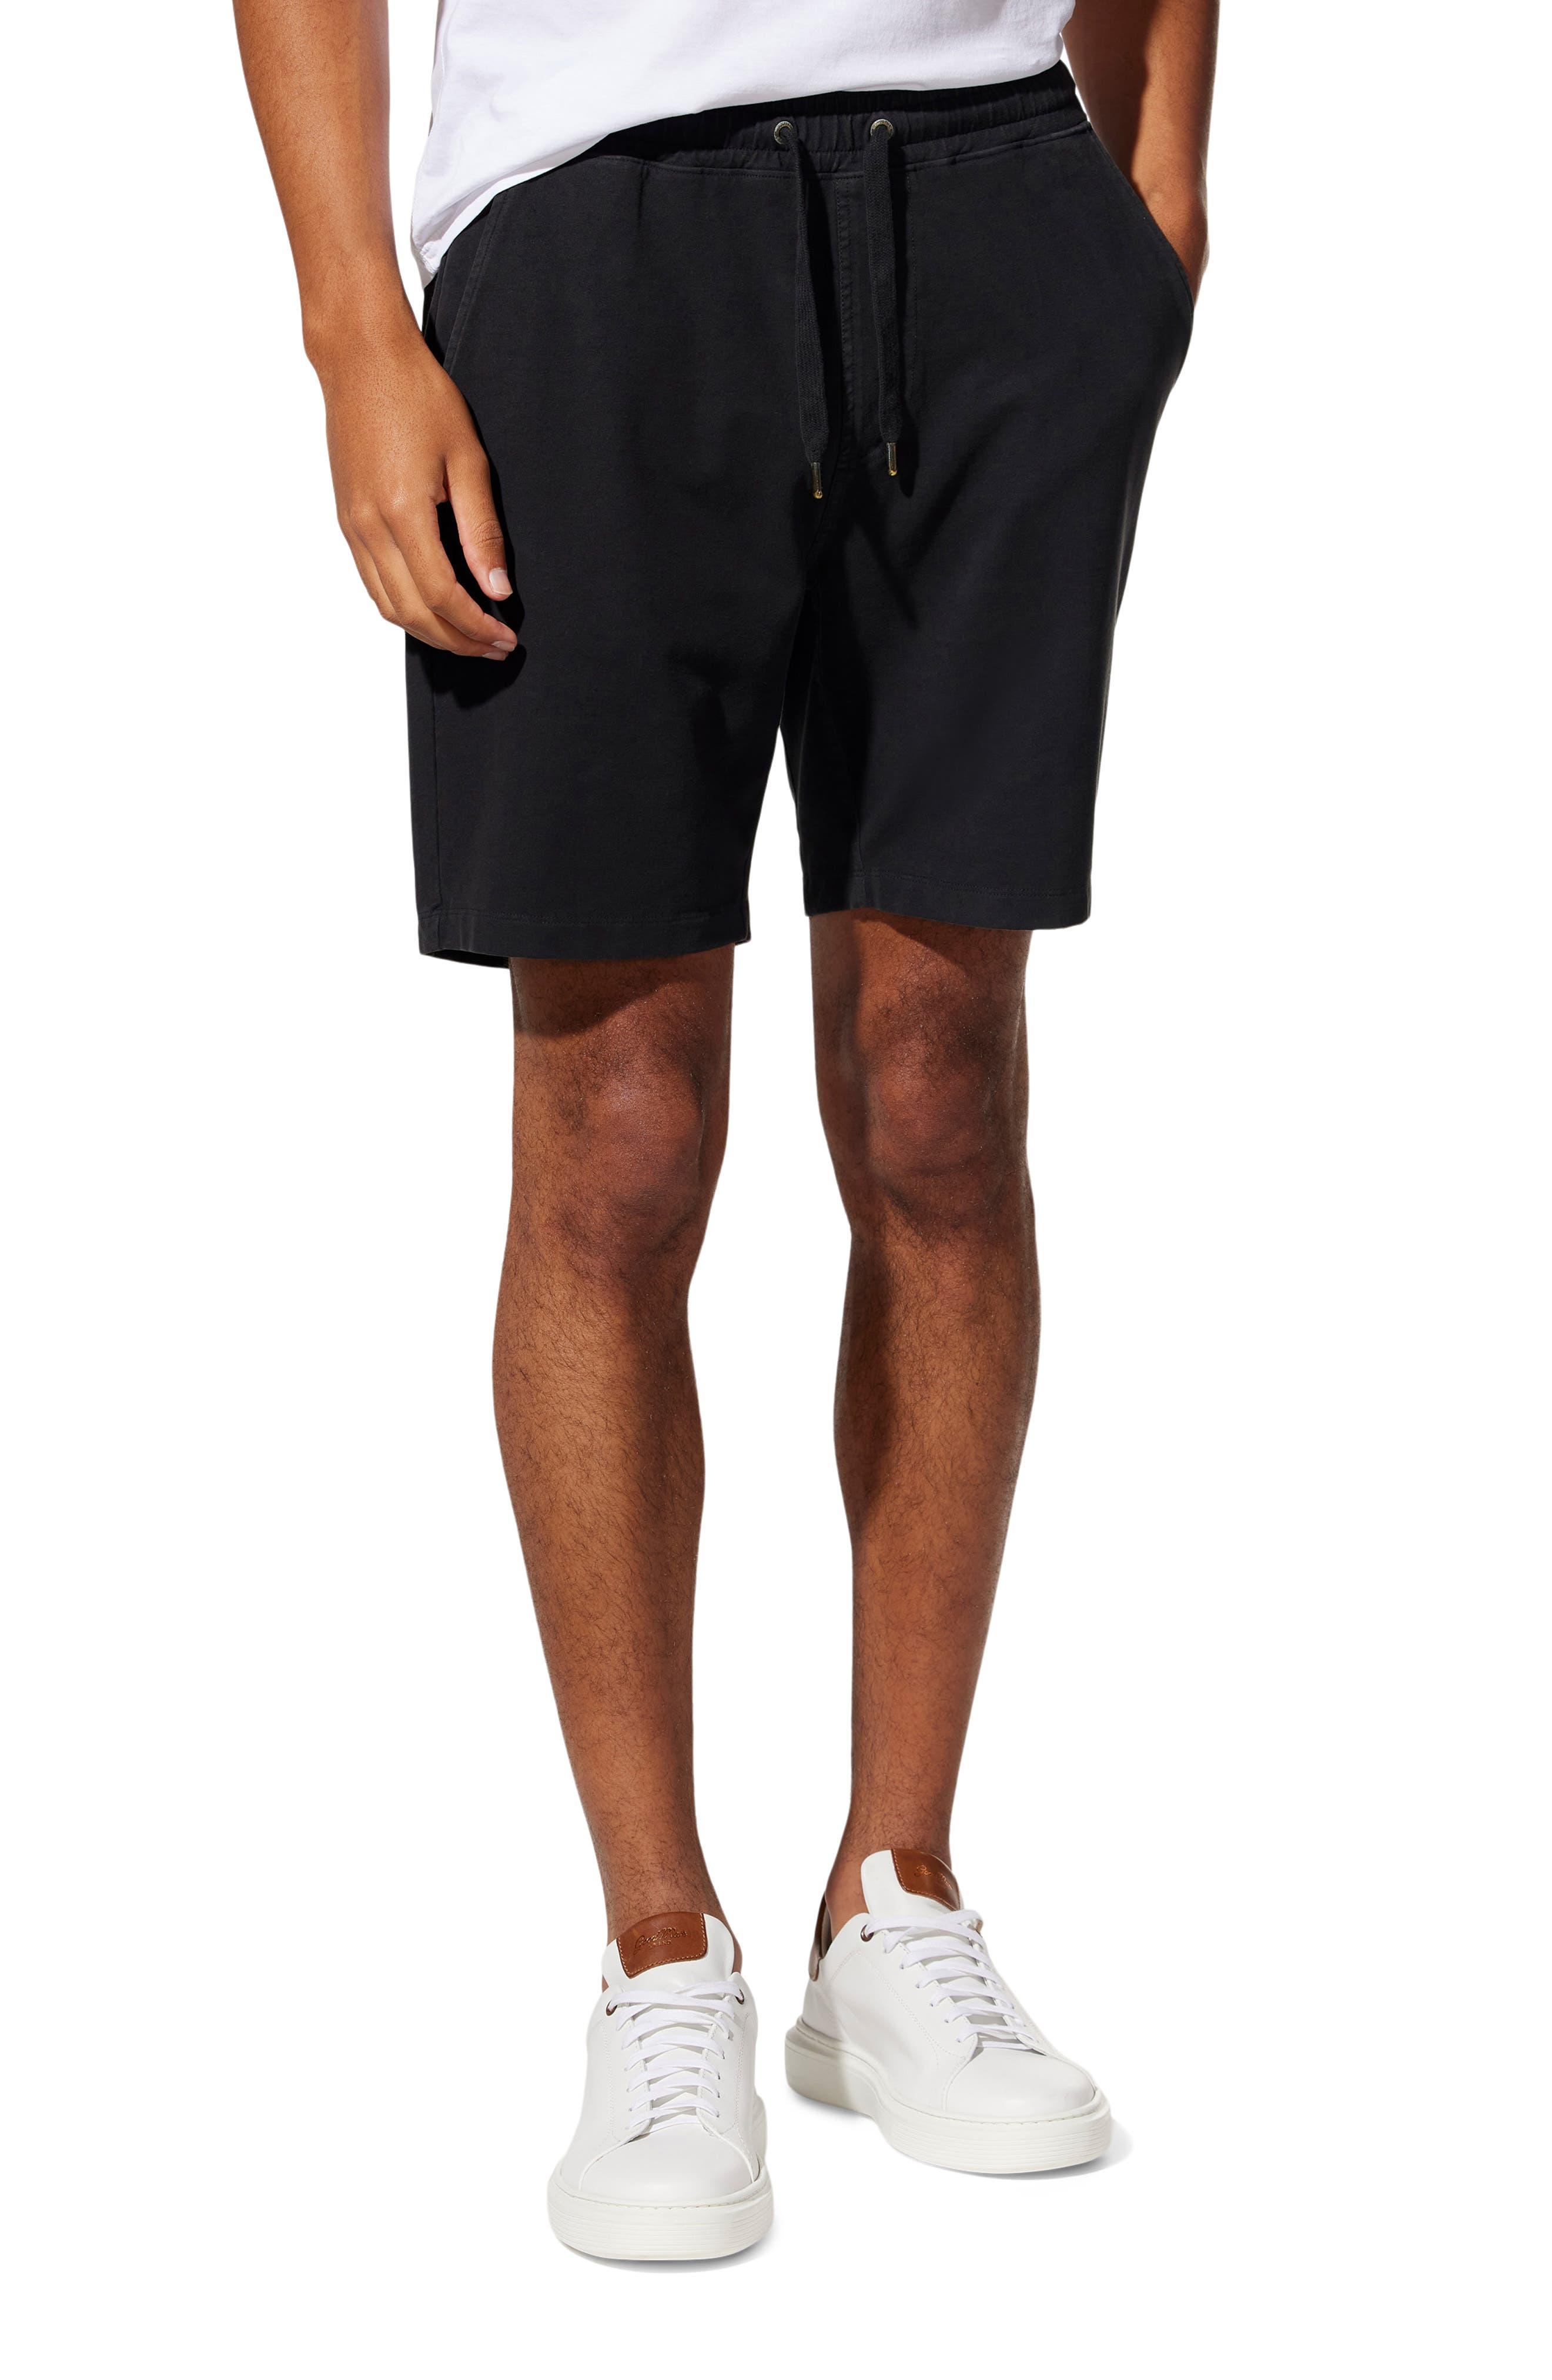 Jetset Flex Pro Jersey Shorts